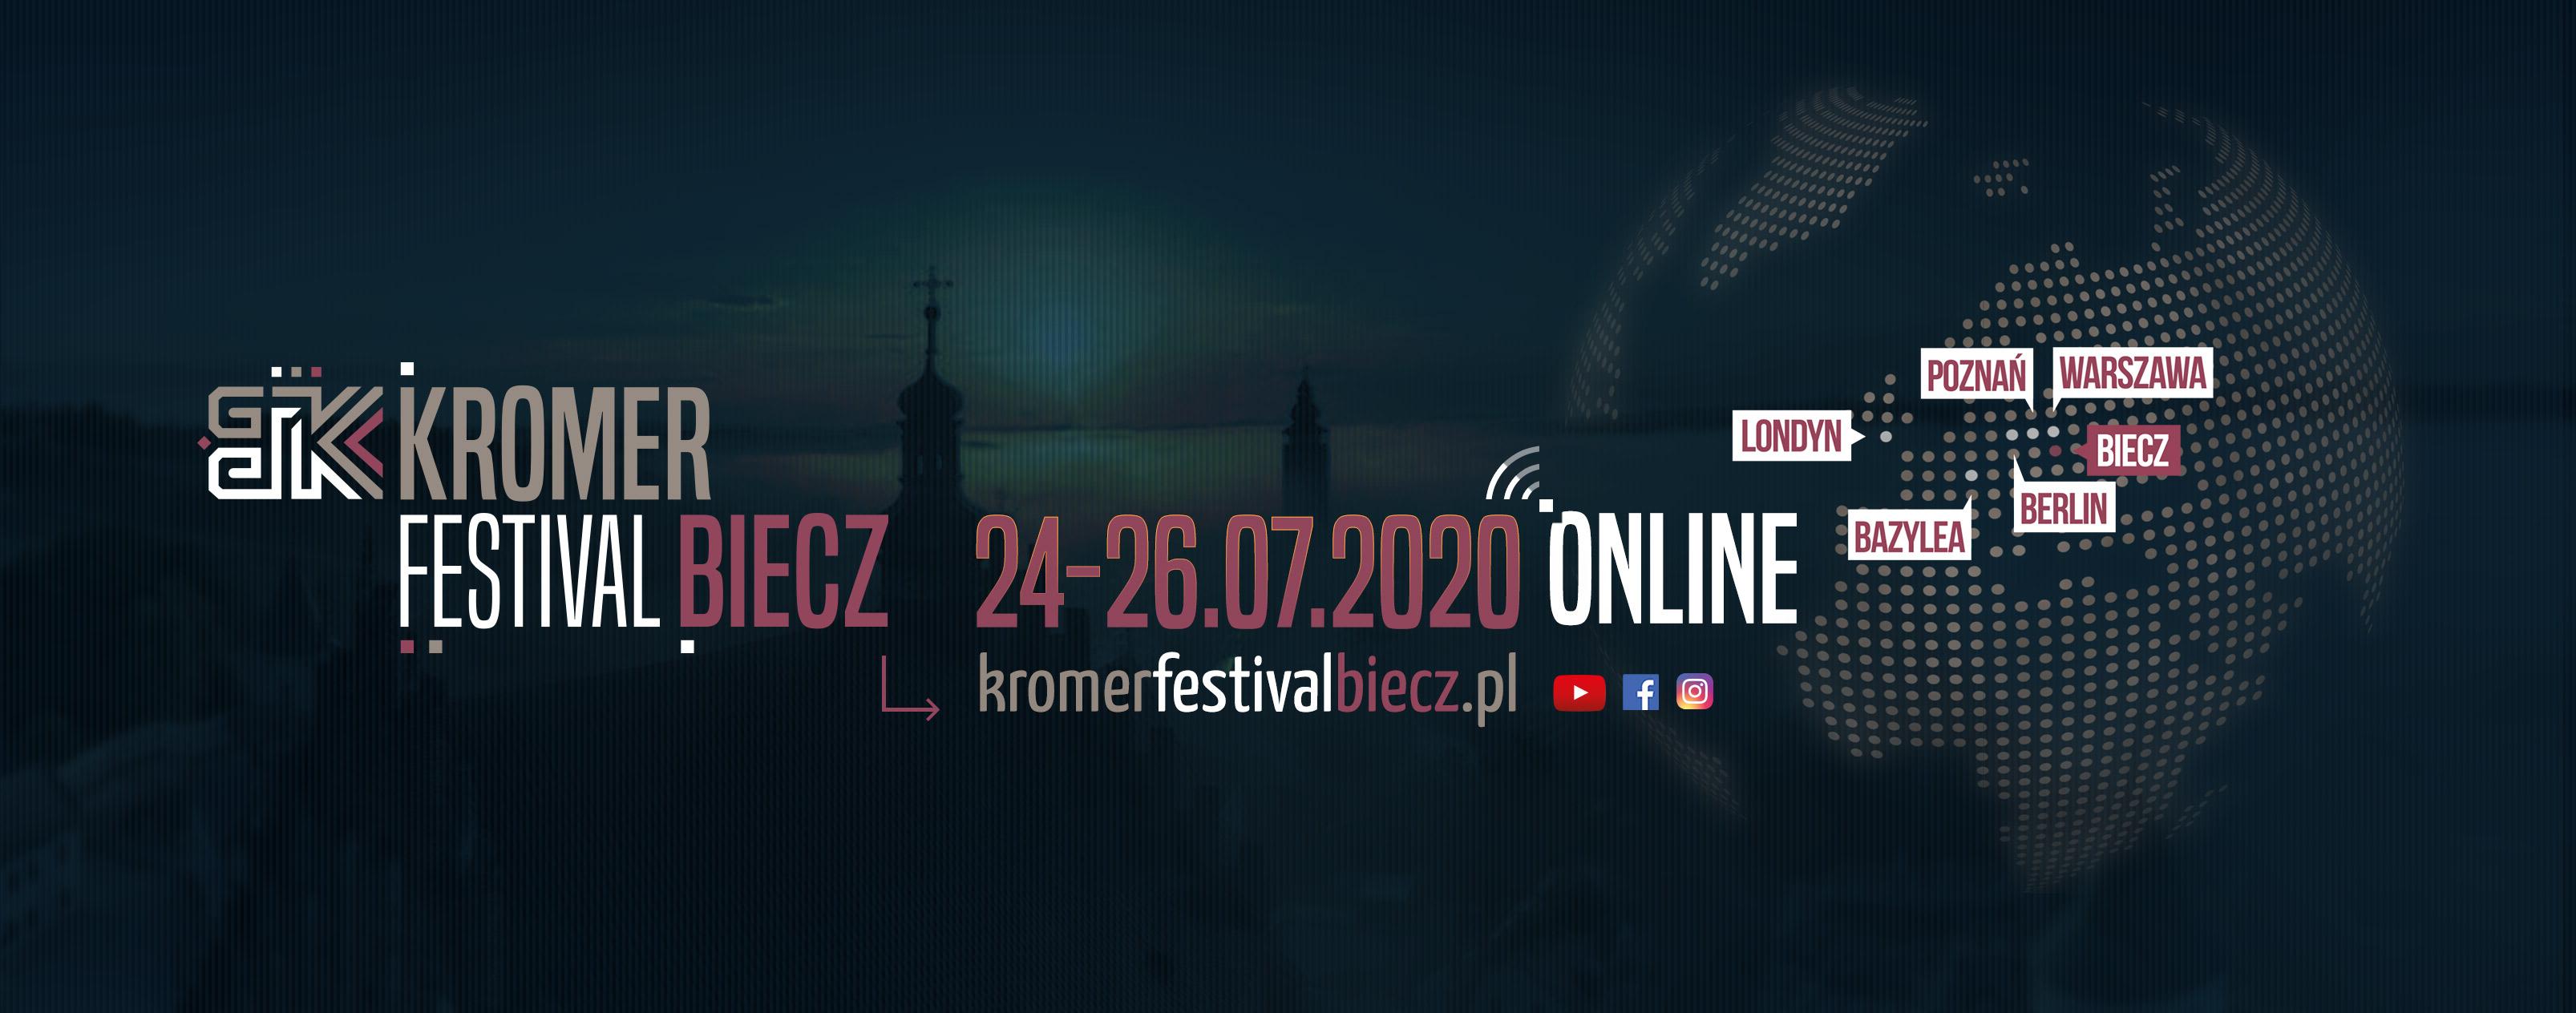 pge-polska-grupa-energetyczna-partnerem-strategicznym-kromer-festival-biecz-online-2020.jpg